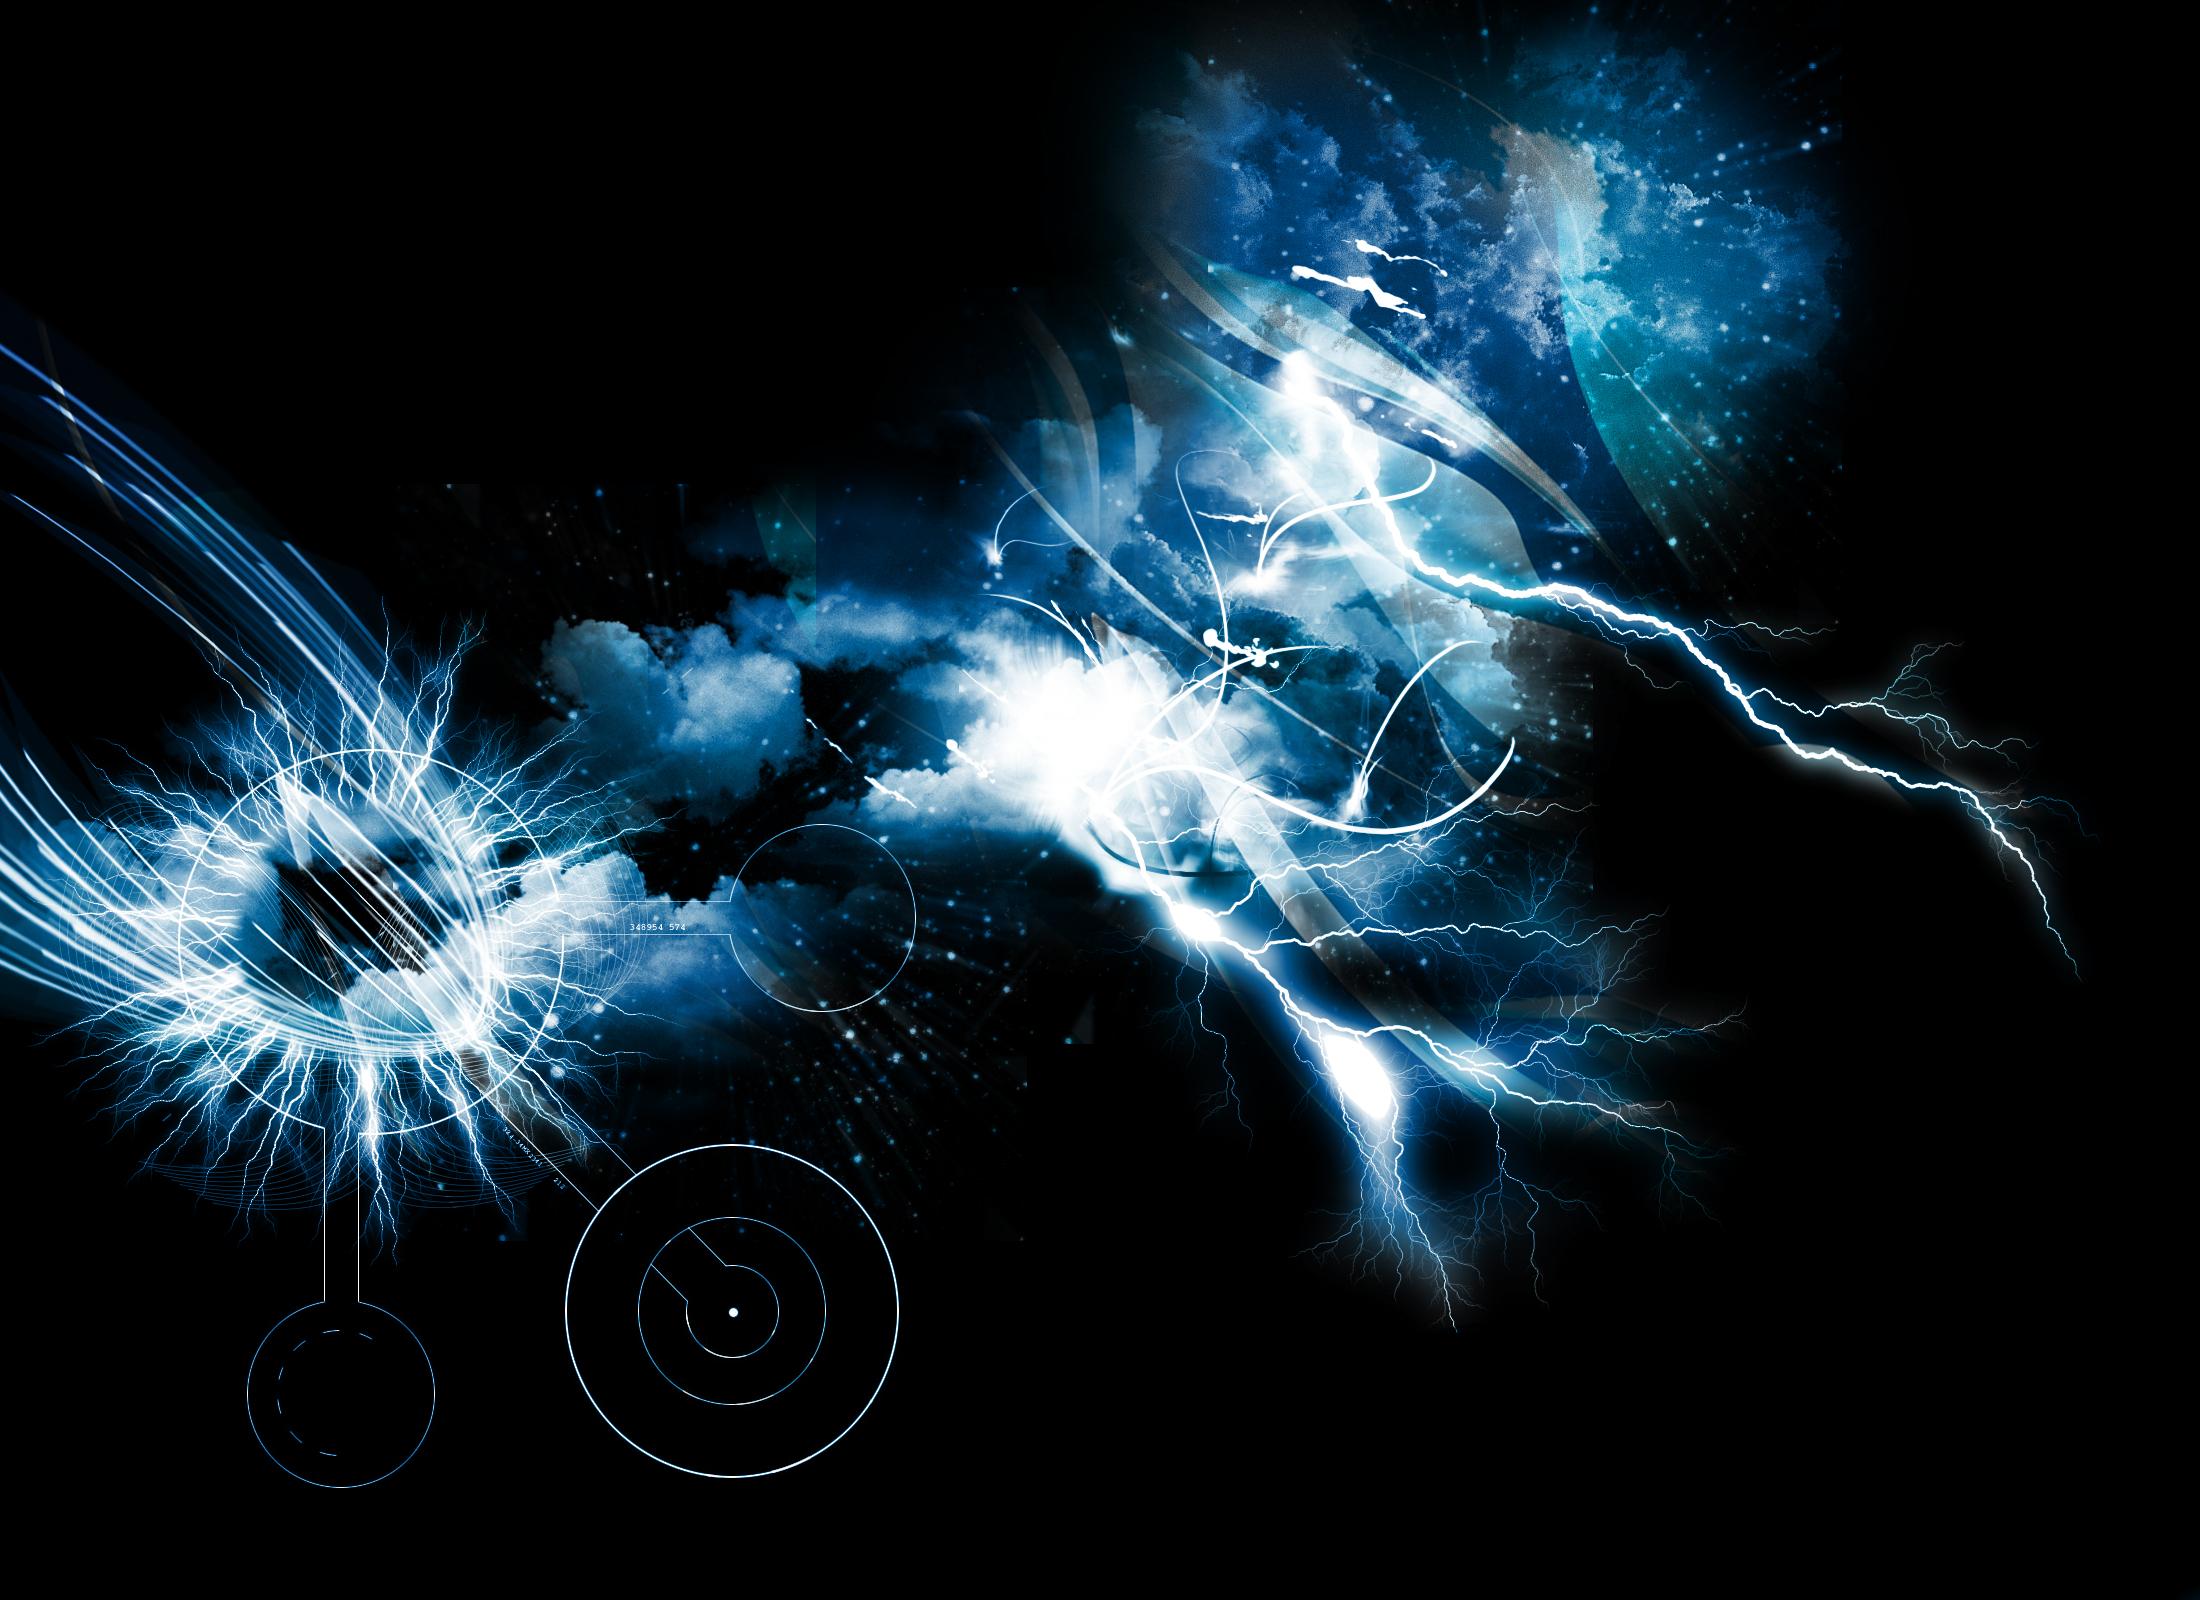 thunder wallpaper